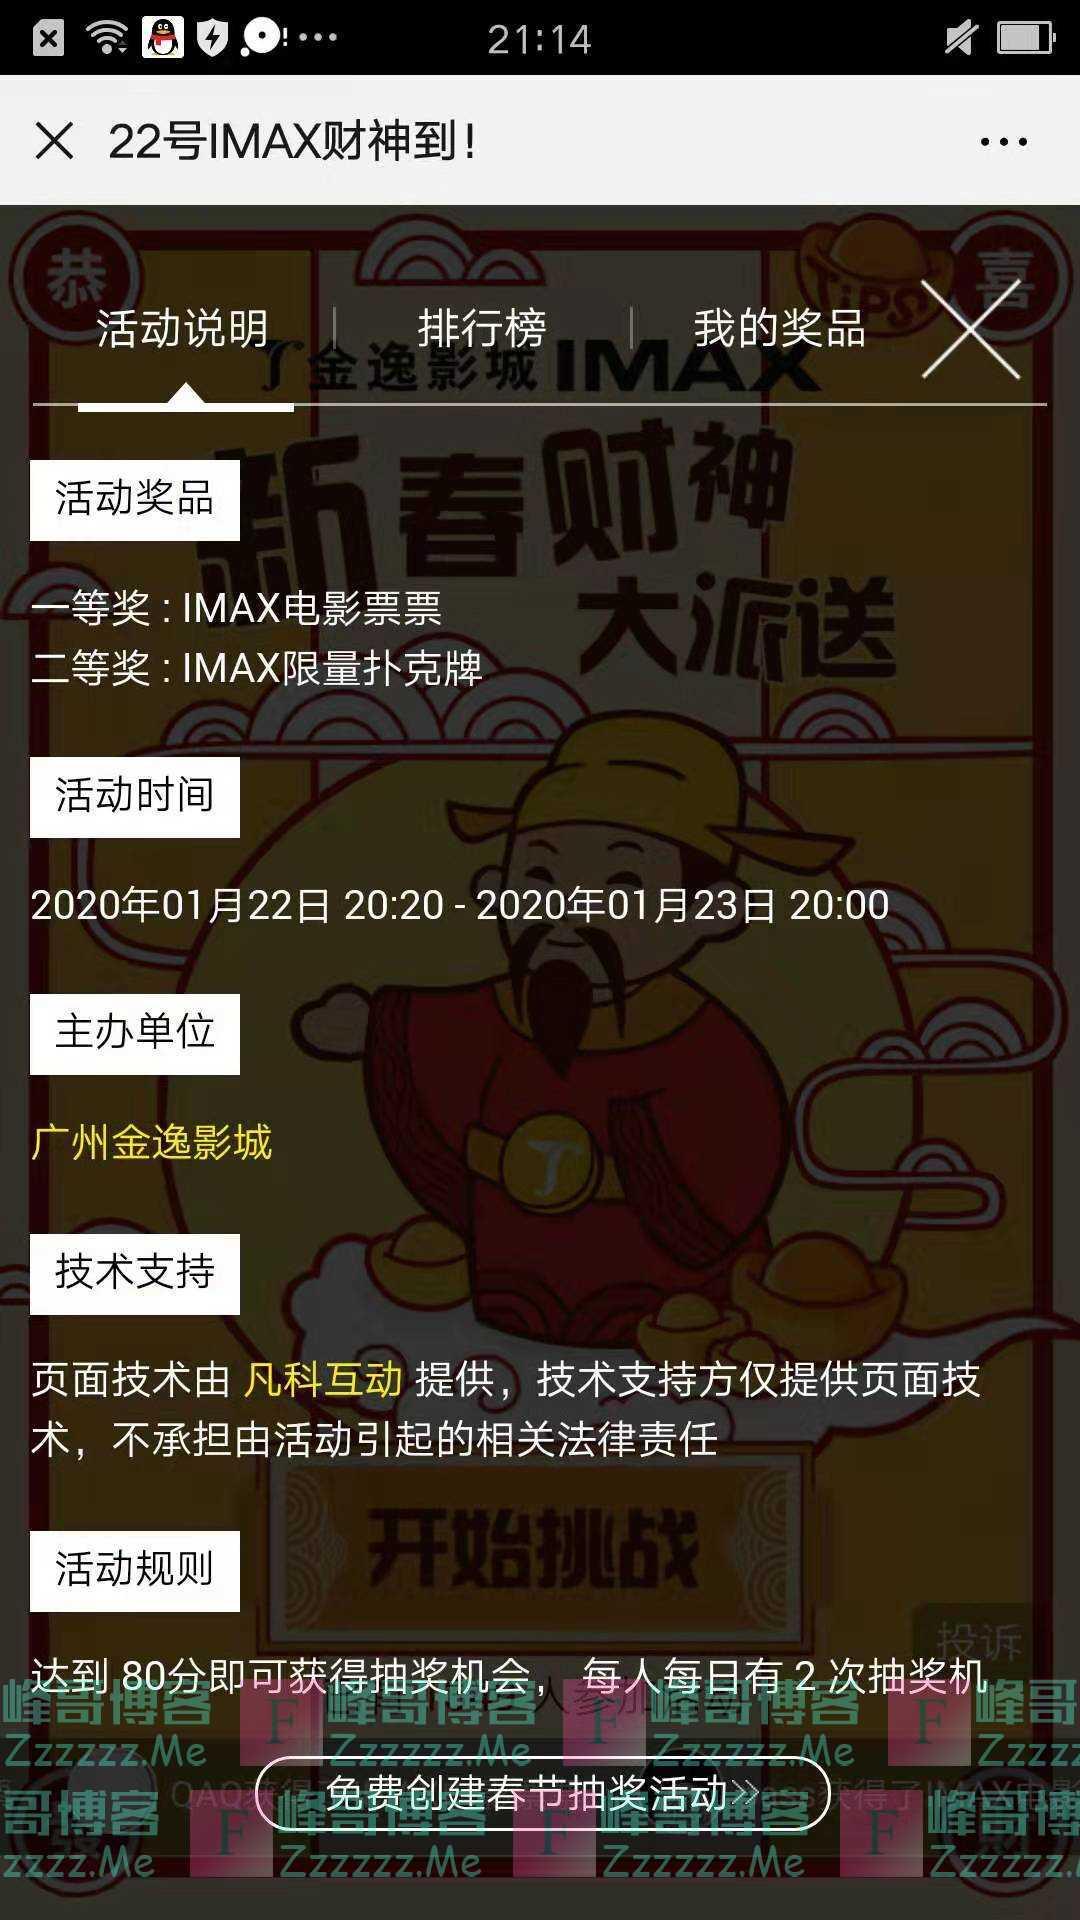 金逸电影每天抽送200张IMAX电影票(截止1月23日)